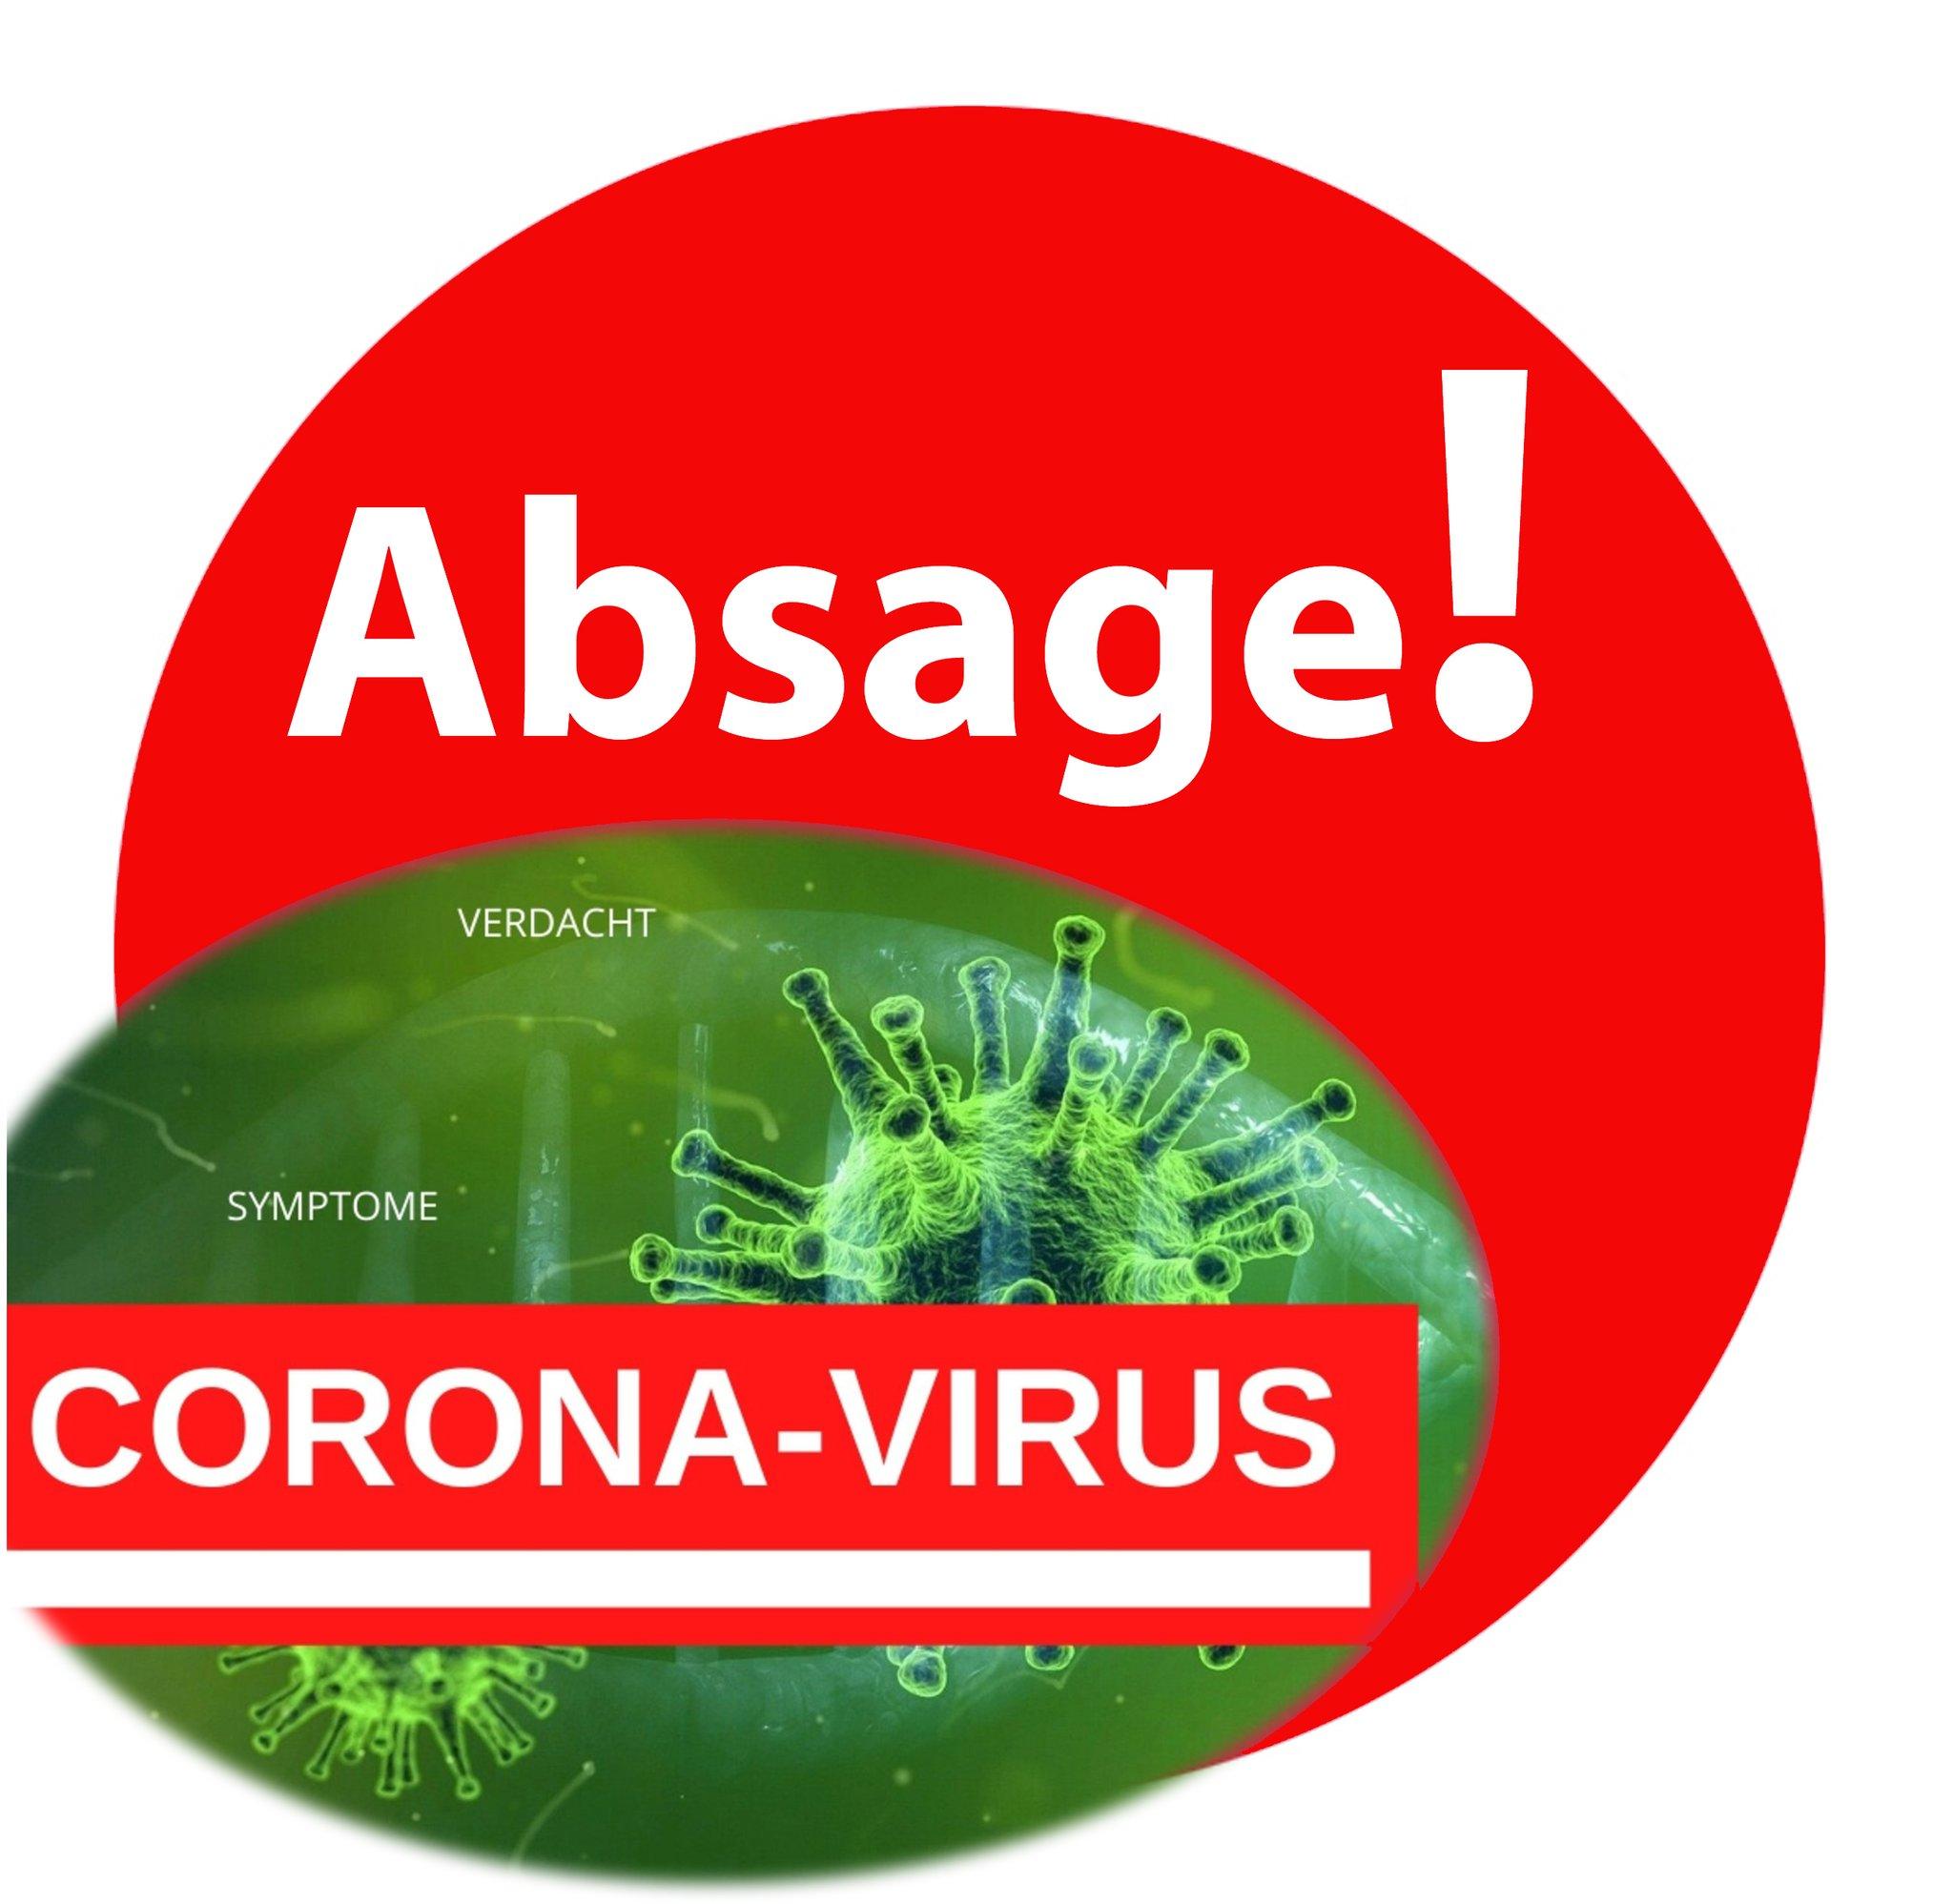 Bildergebnis für absage corona